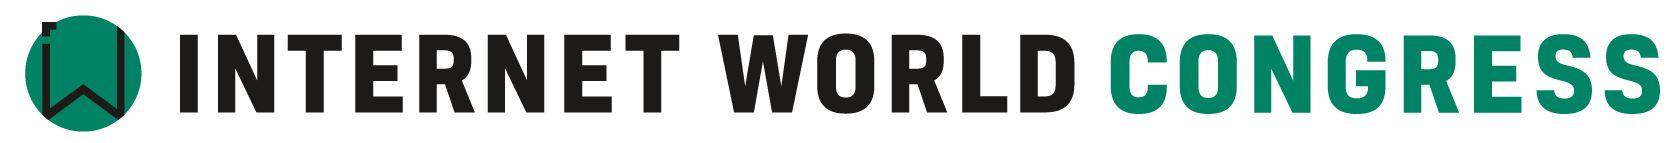 Internet World Congress 2019